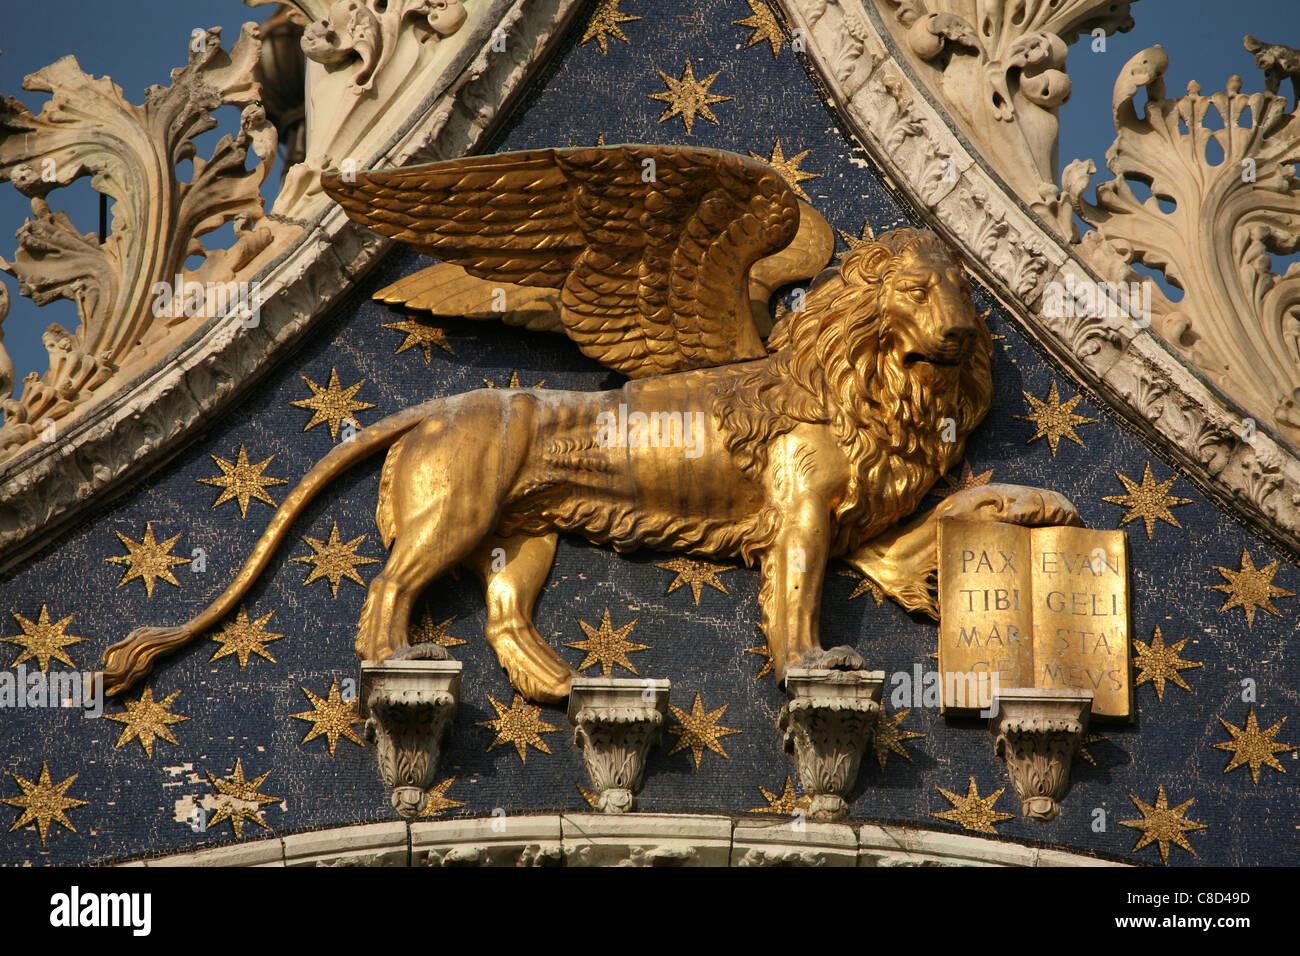 Leone di San Marco sopra la porta principale della Basilica di San Marco in Piazza San Marco a Venezia, Italia. Foto Stock